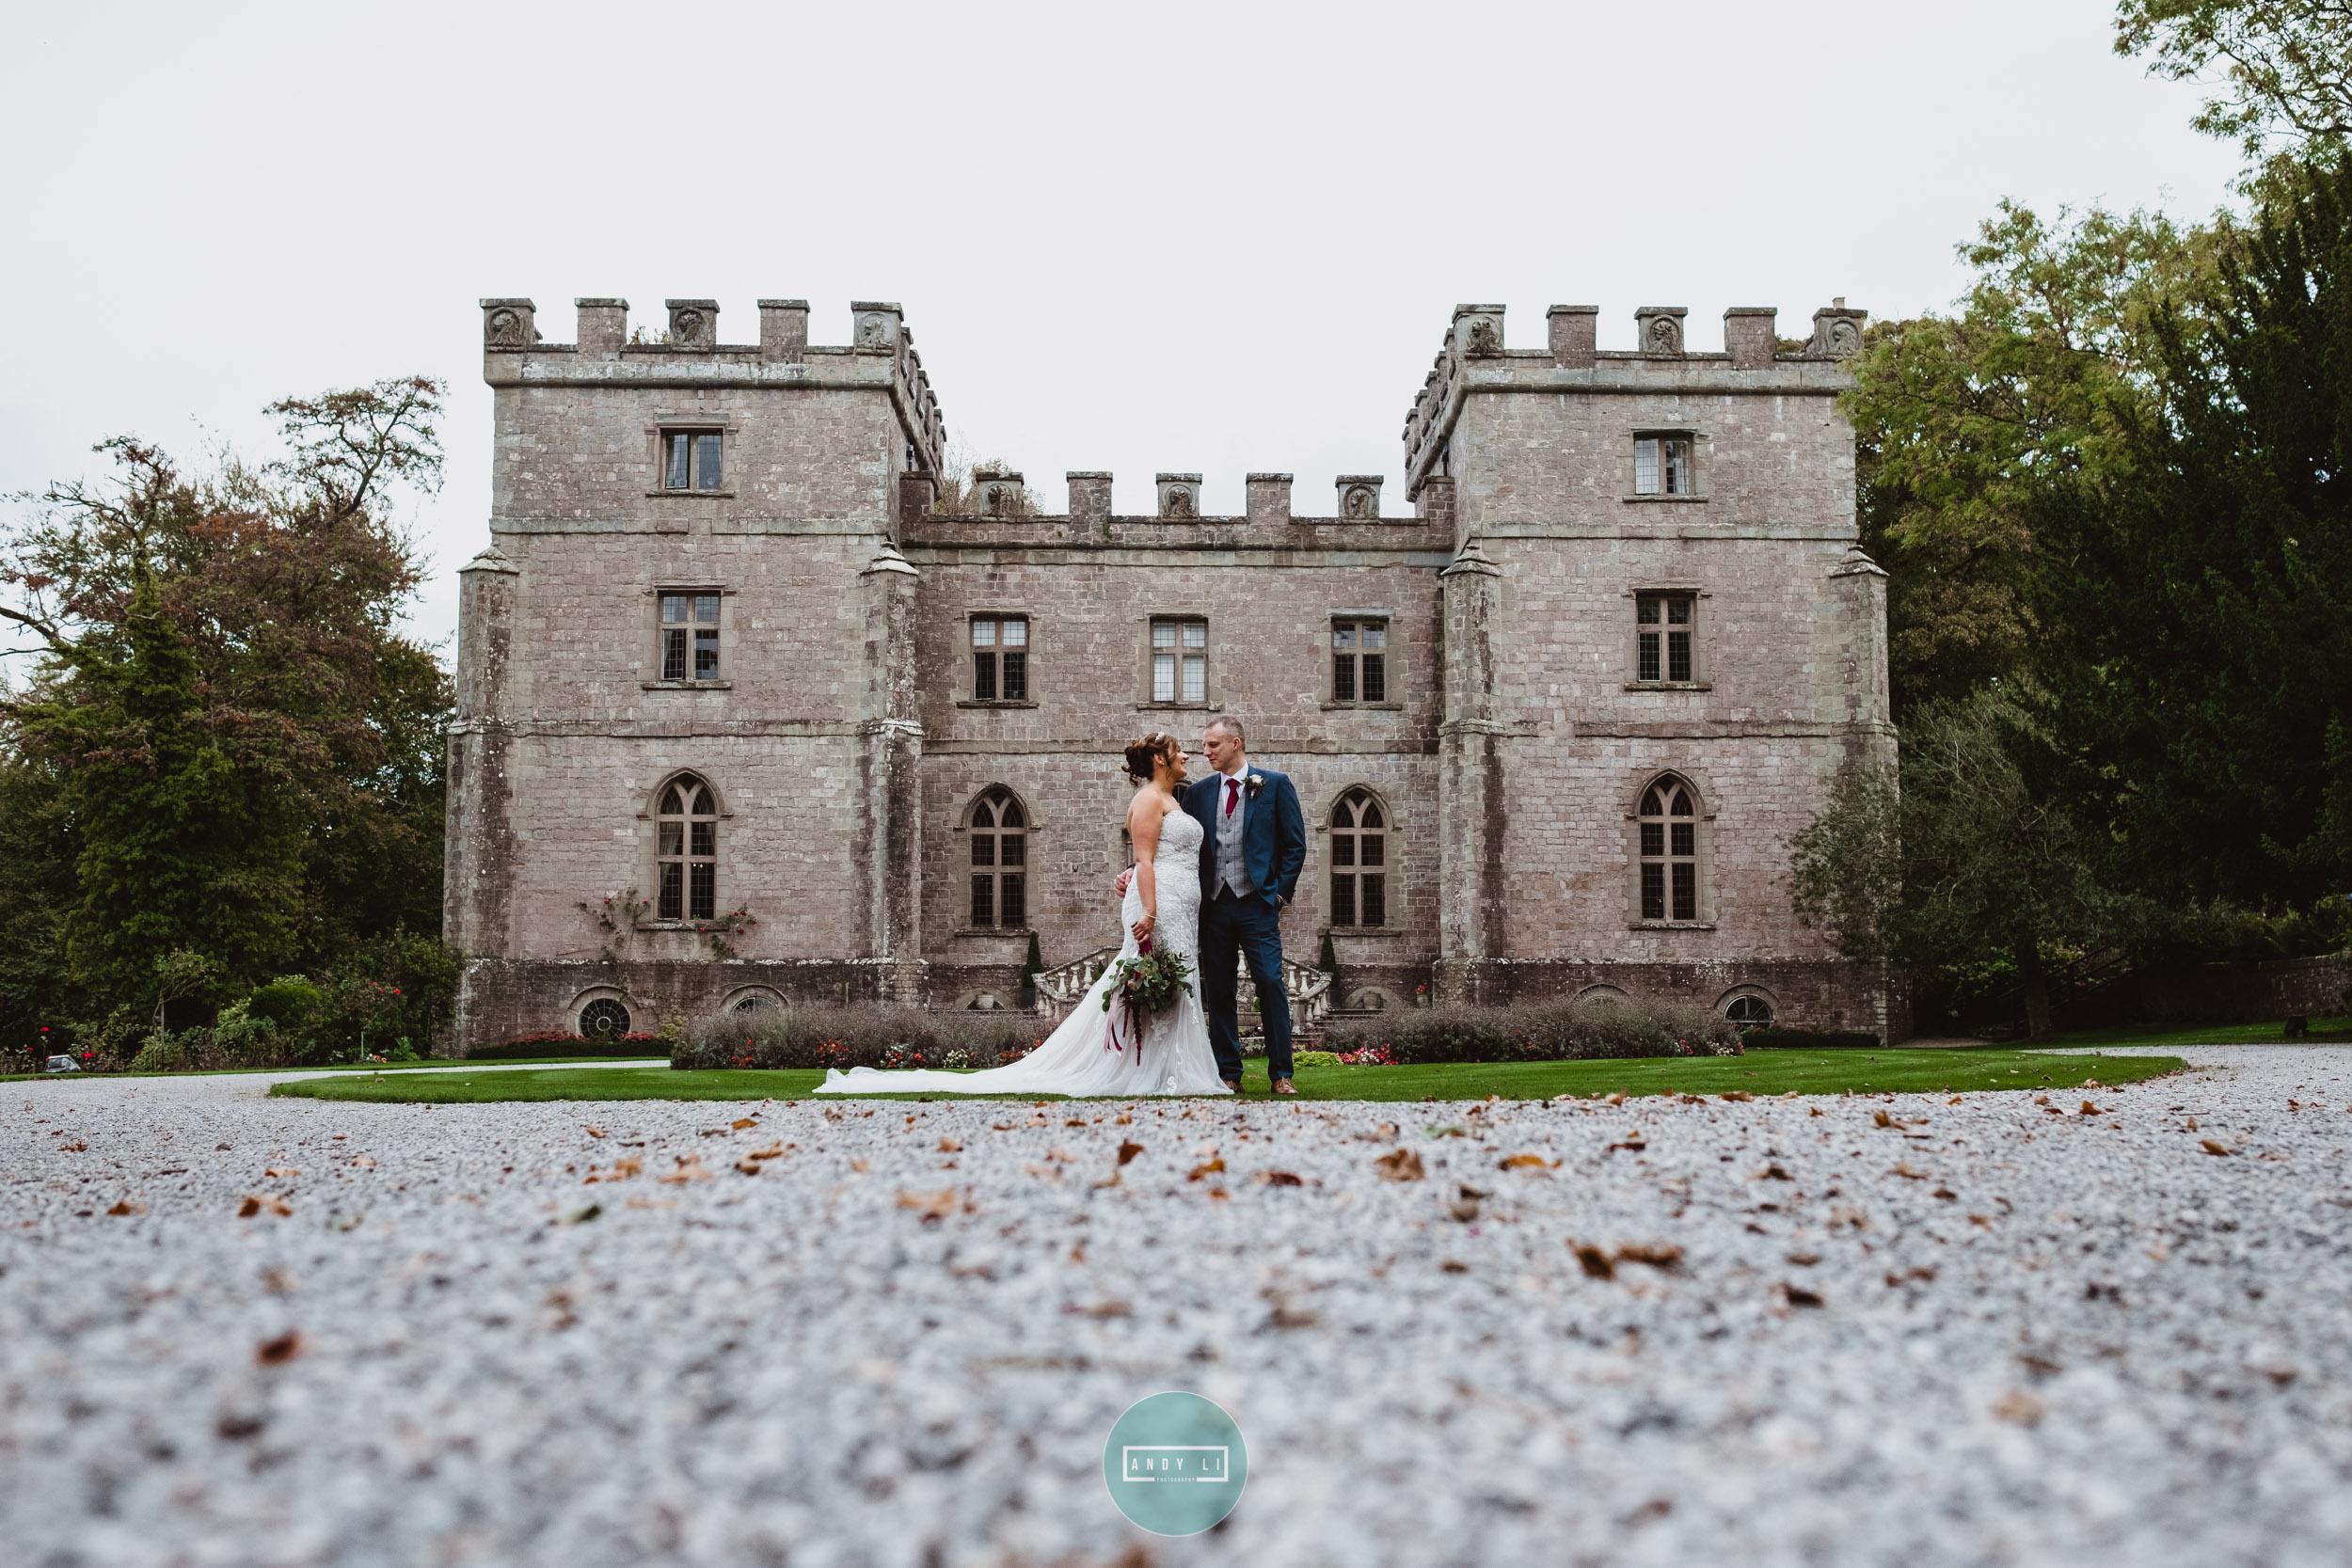 Clearwell Castle Wedding Photographer-107-AXT20733.jpg